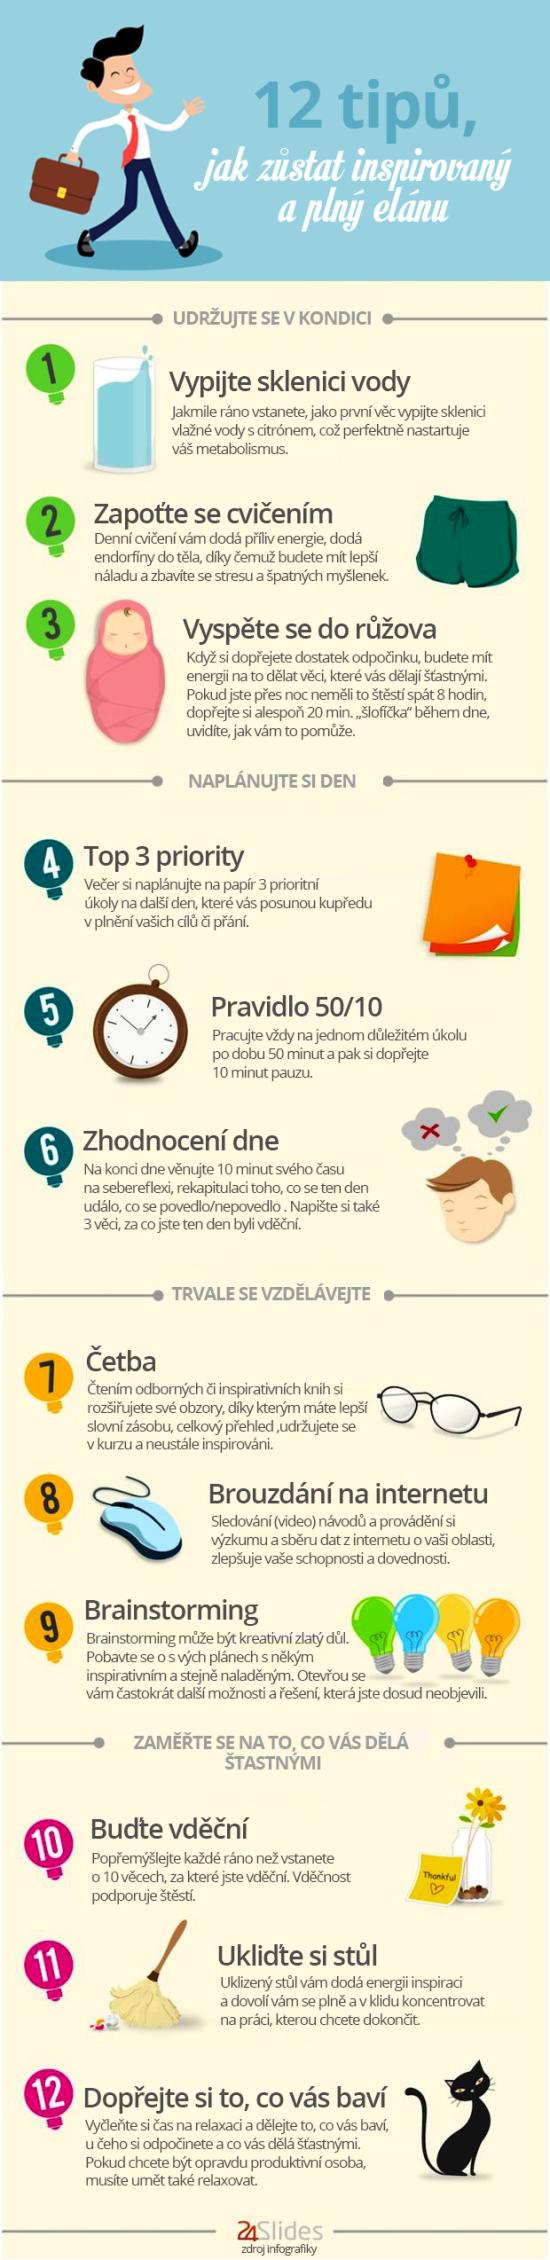 infografika inspirace a elán